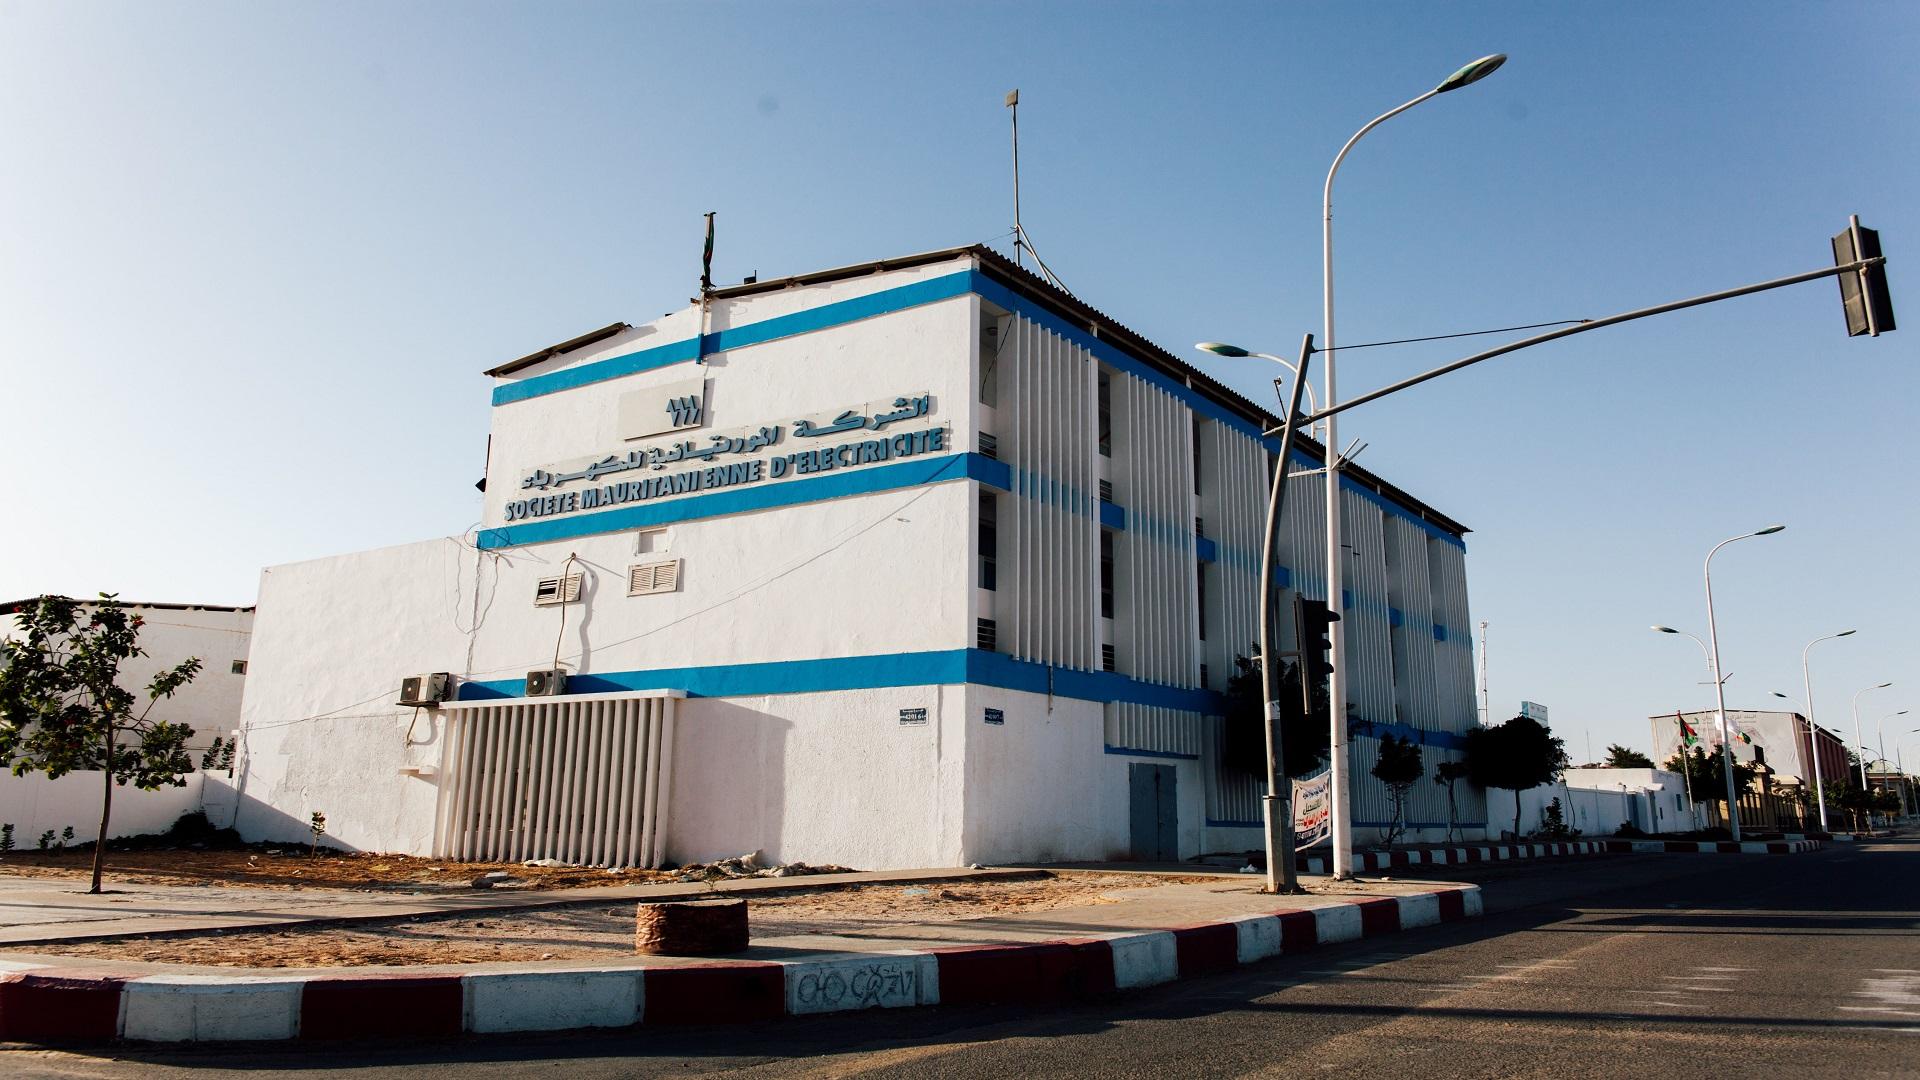 اضطرابات بشبكة الكهرباء في نواكشوط بسبب تجارب الخط العالي وصوملك تعتذر